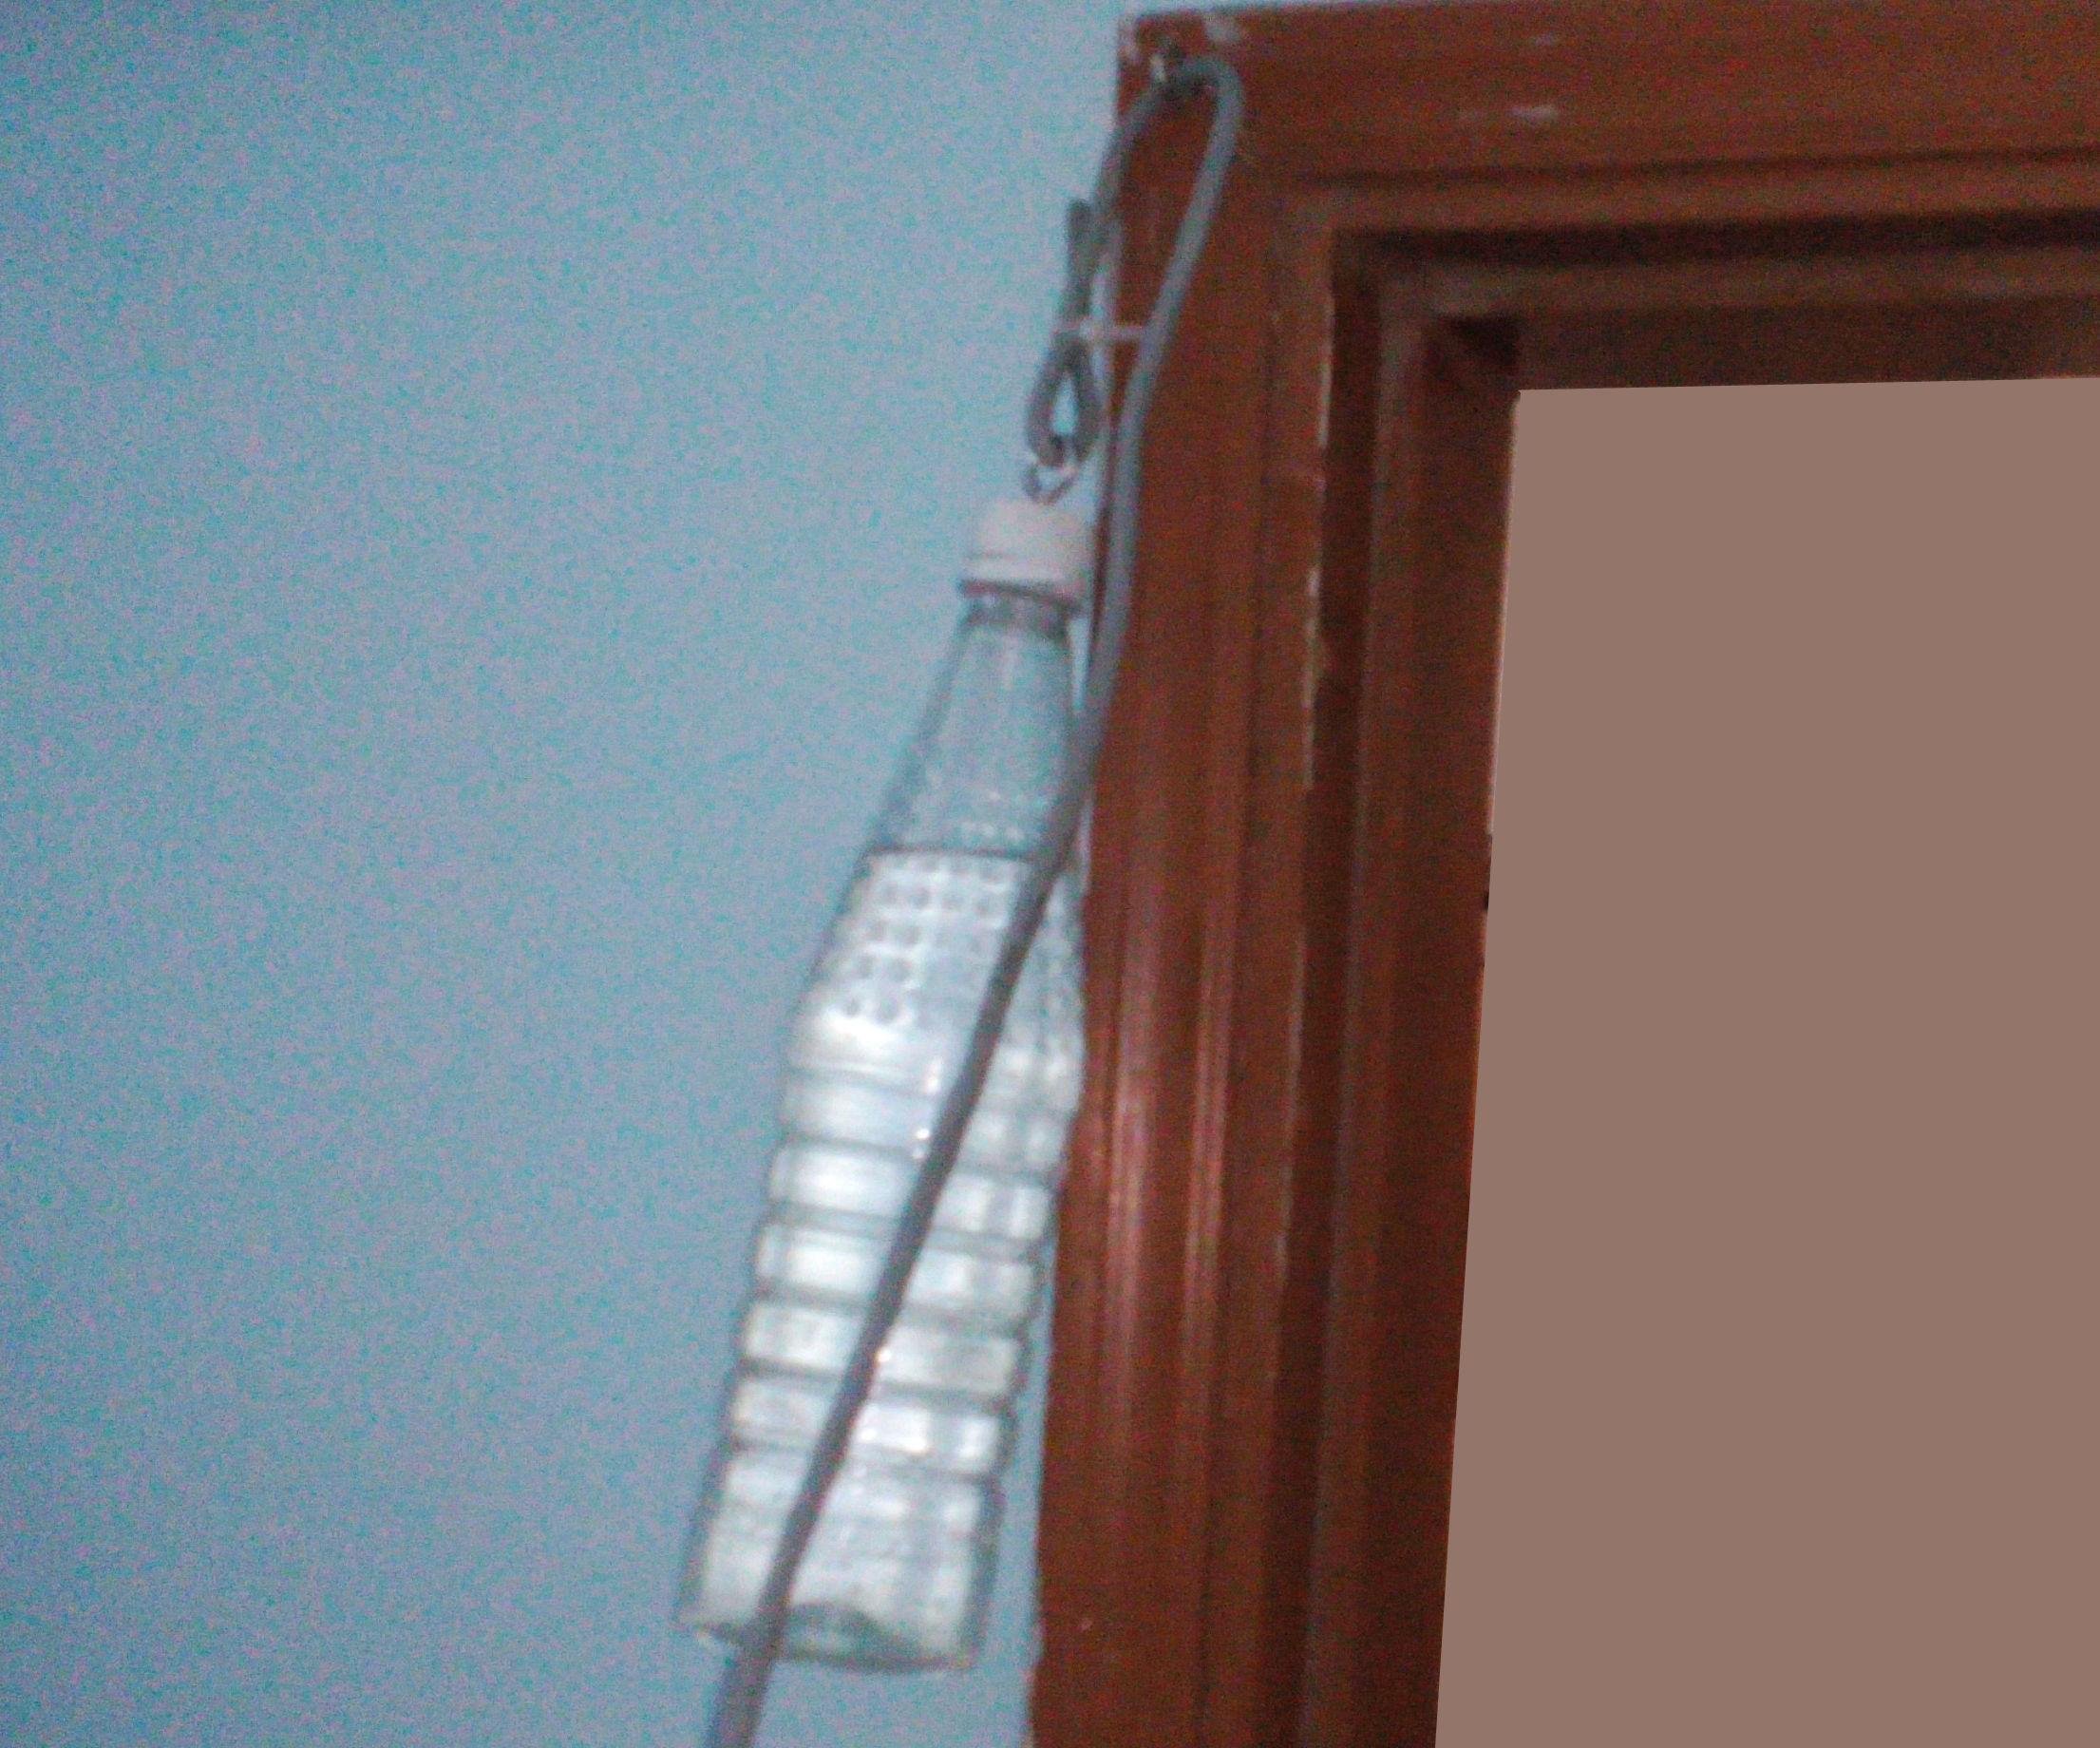 How to Make Bottle Door Closer